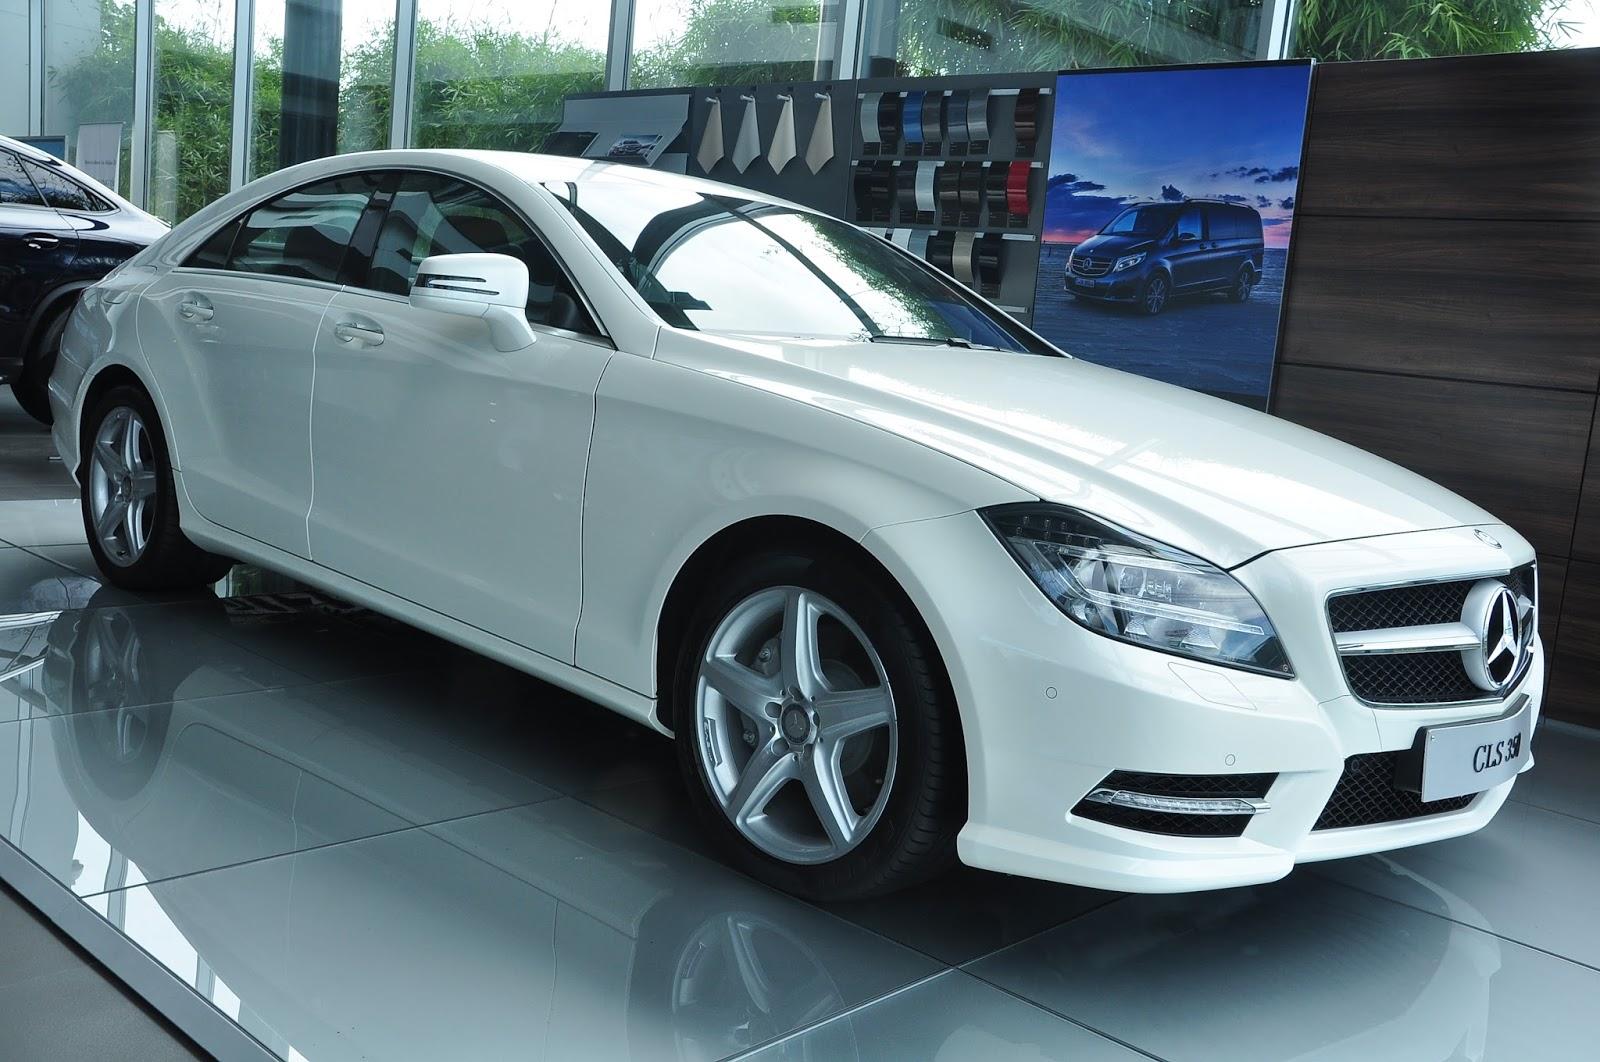 Xe Mercedes Benz CLS350 New Model màu trắng 02